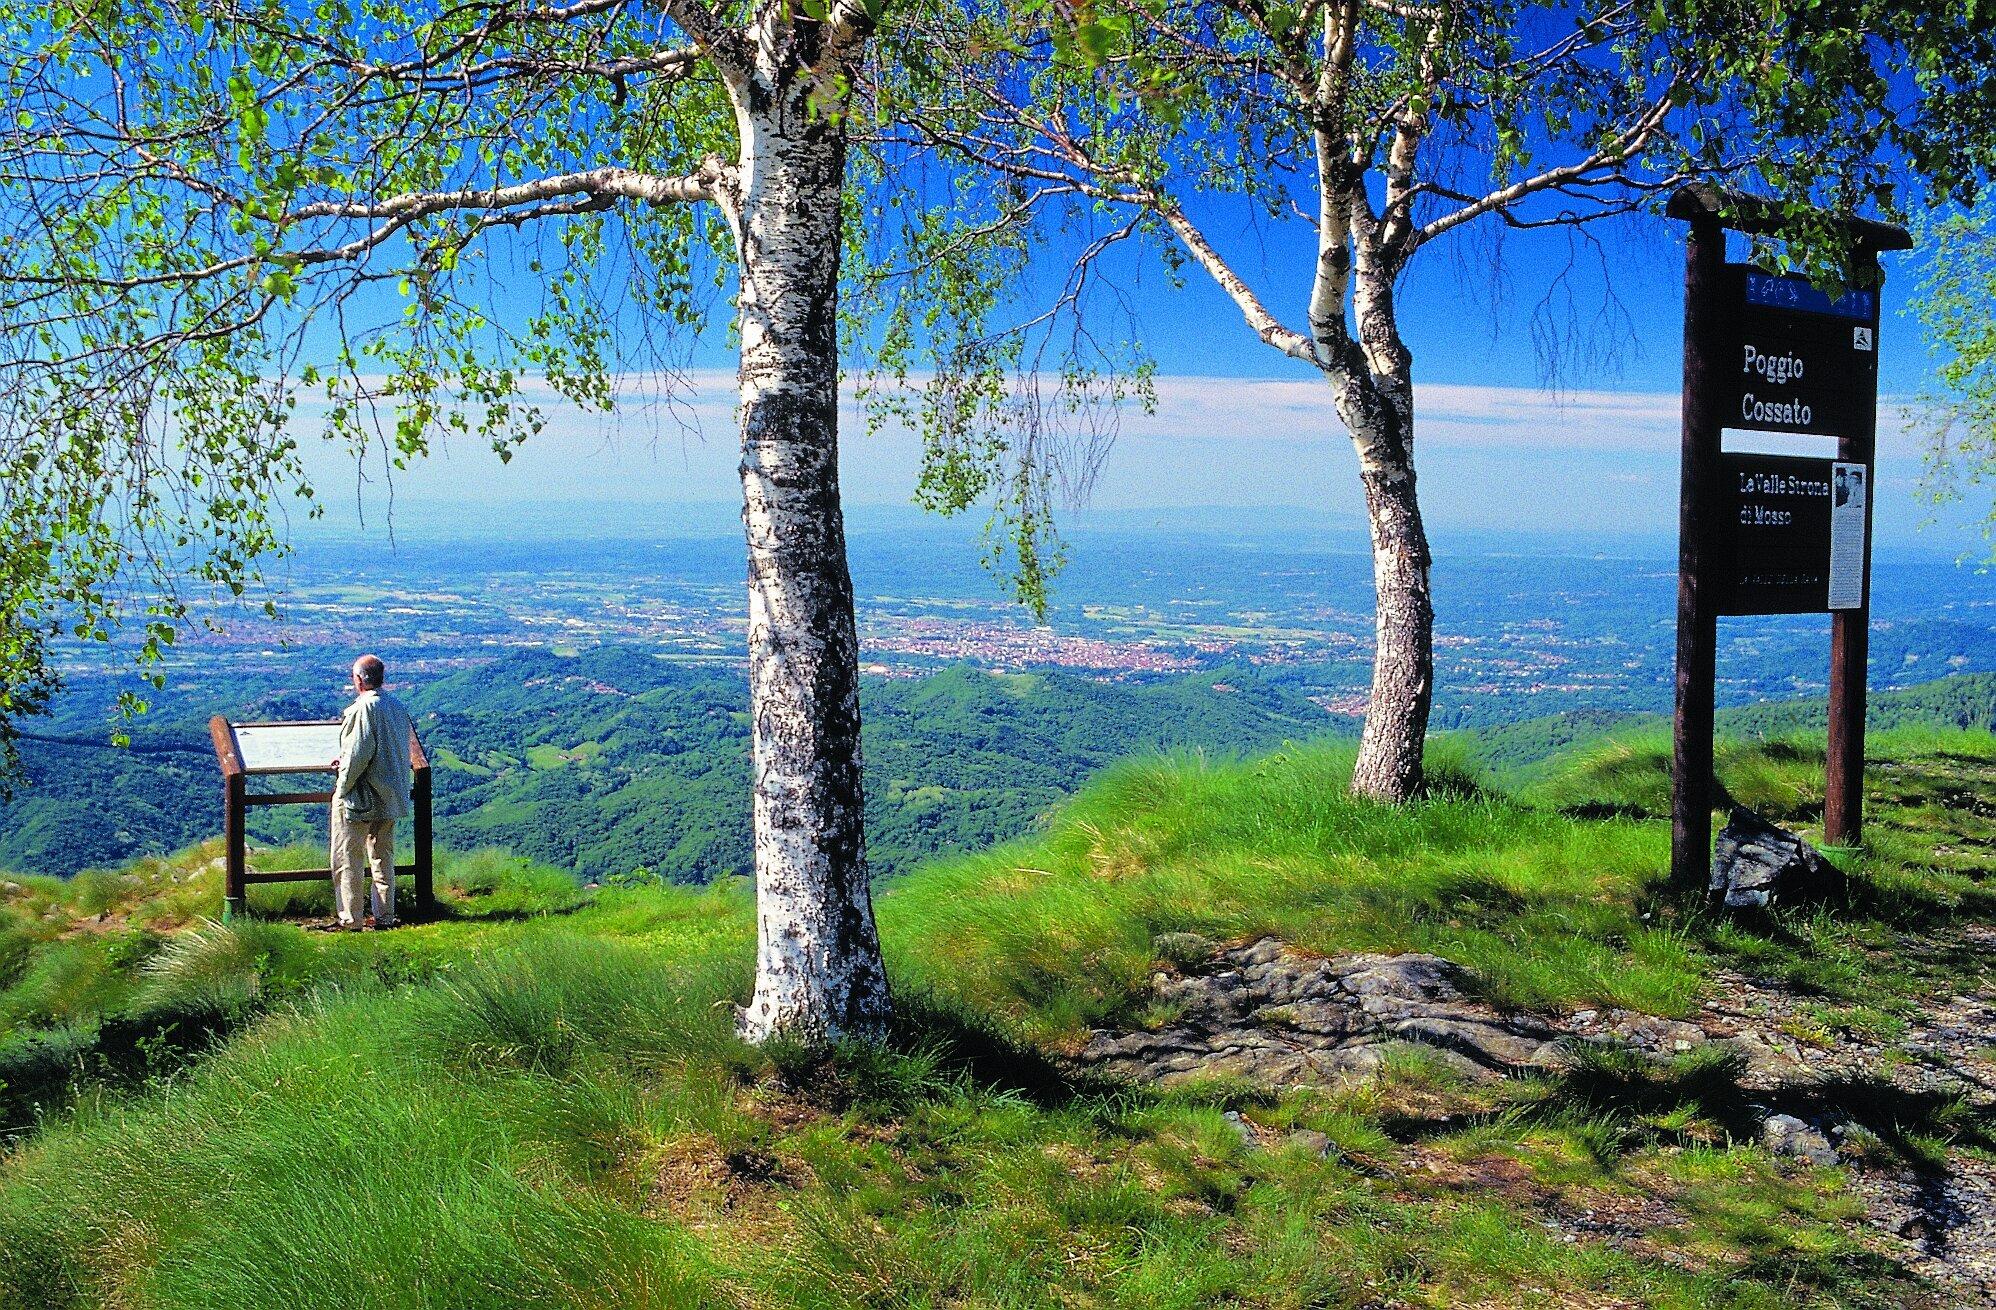 Estate a colori dell'Oasi Zegna: rododendri in fiore, summer camp e